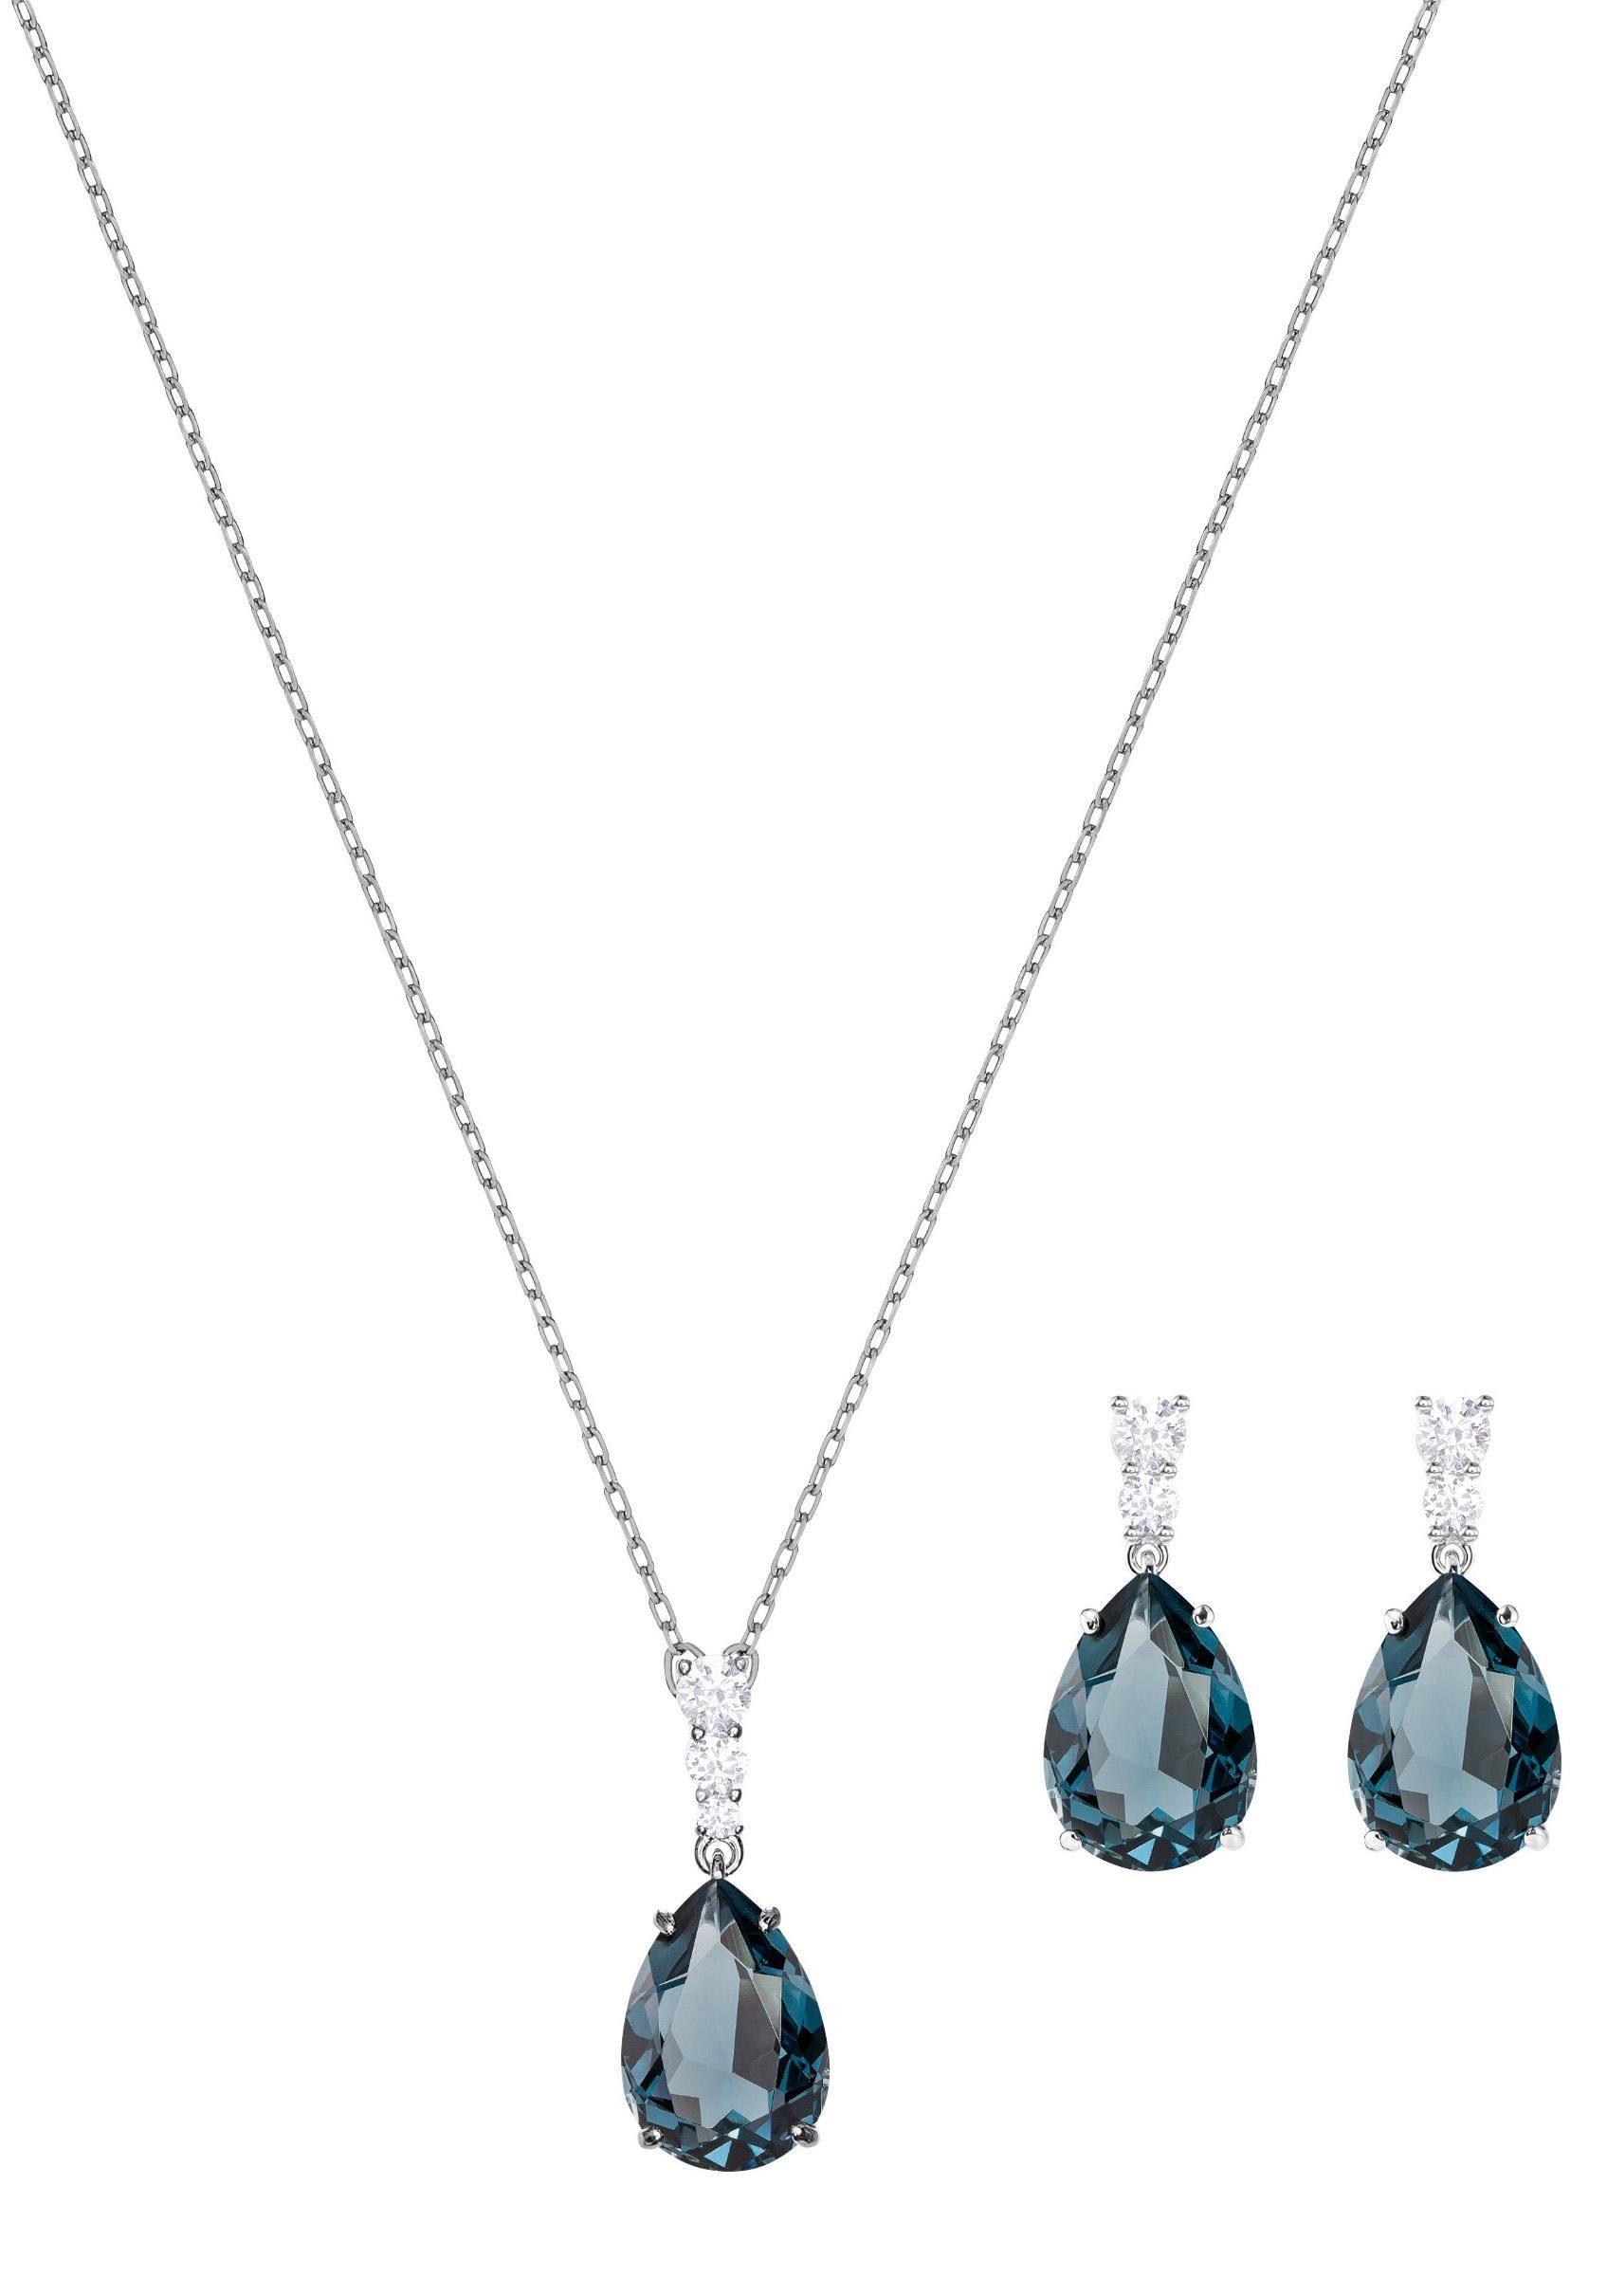 Swarovski Schmuckset »Vintage, grünblau, rhodiniert, 5421820« (Set, 3 tlg) mit Swarovski® Kristallen